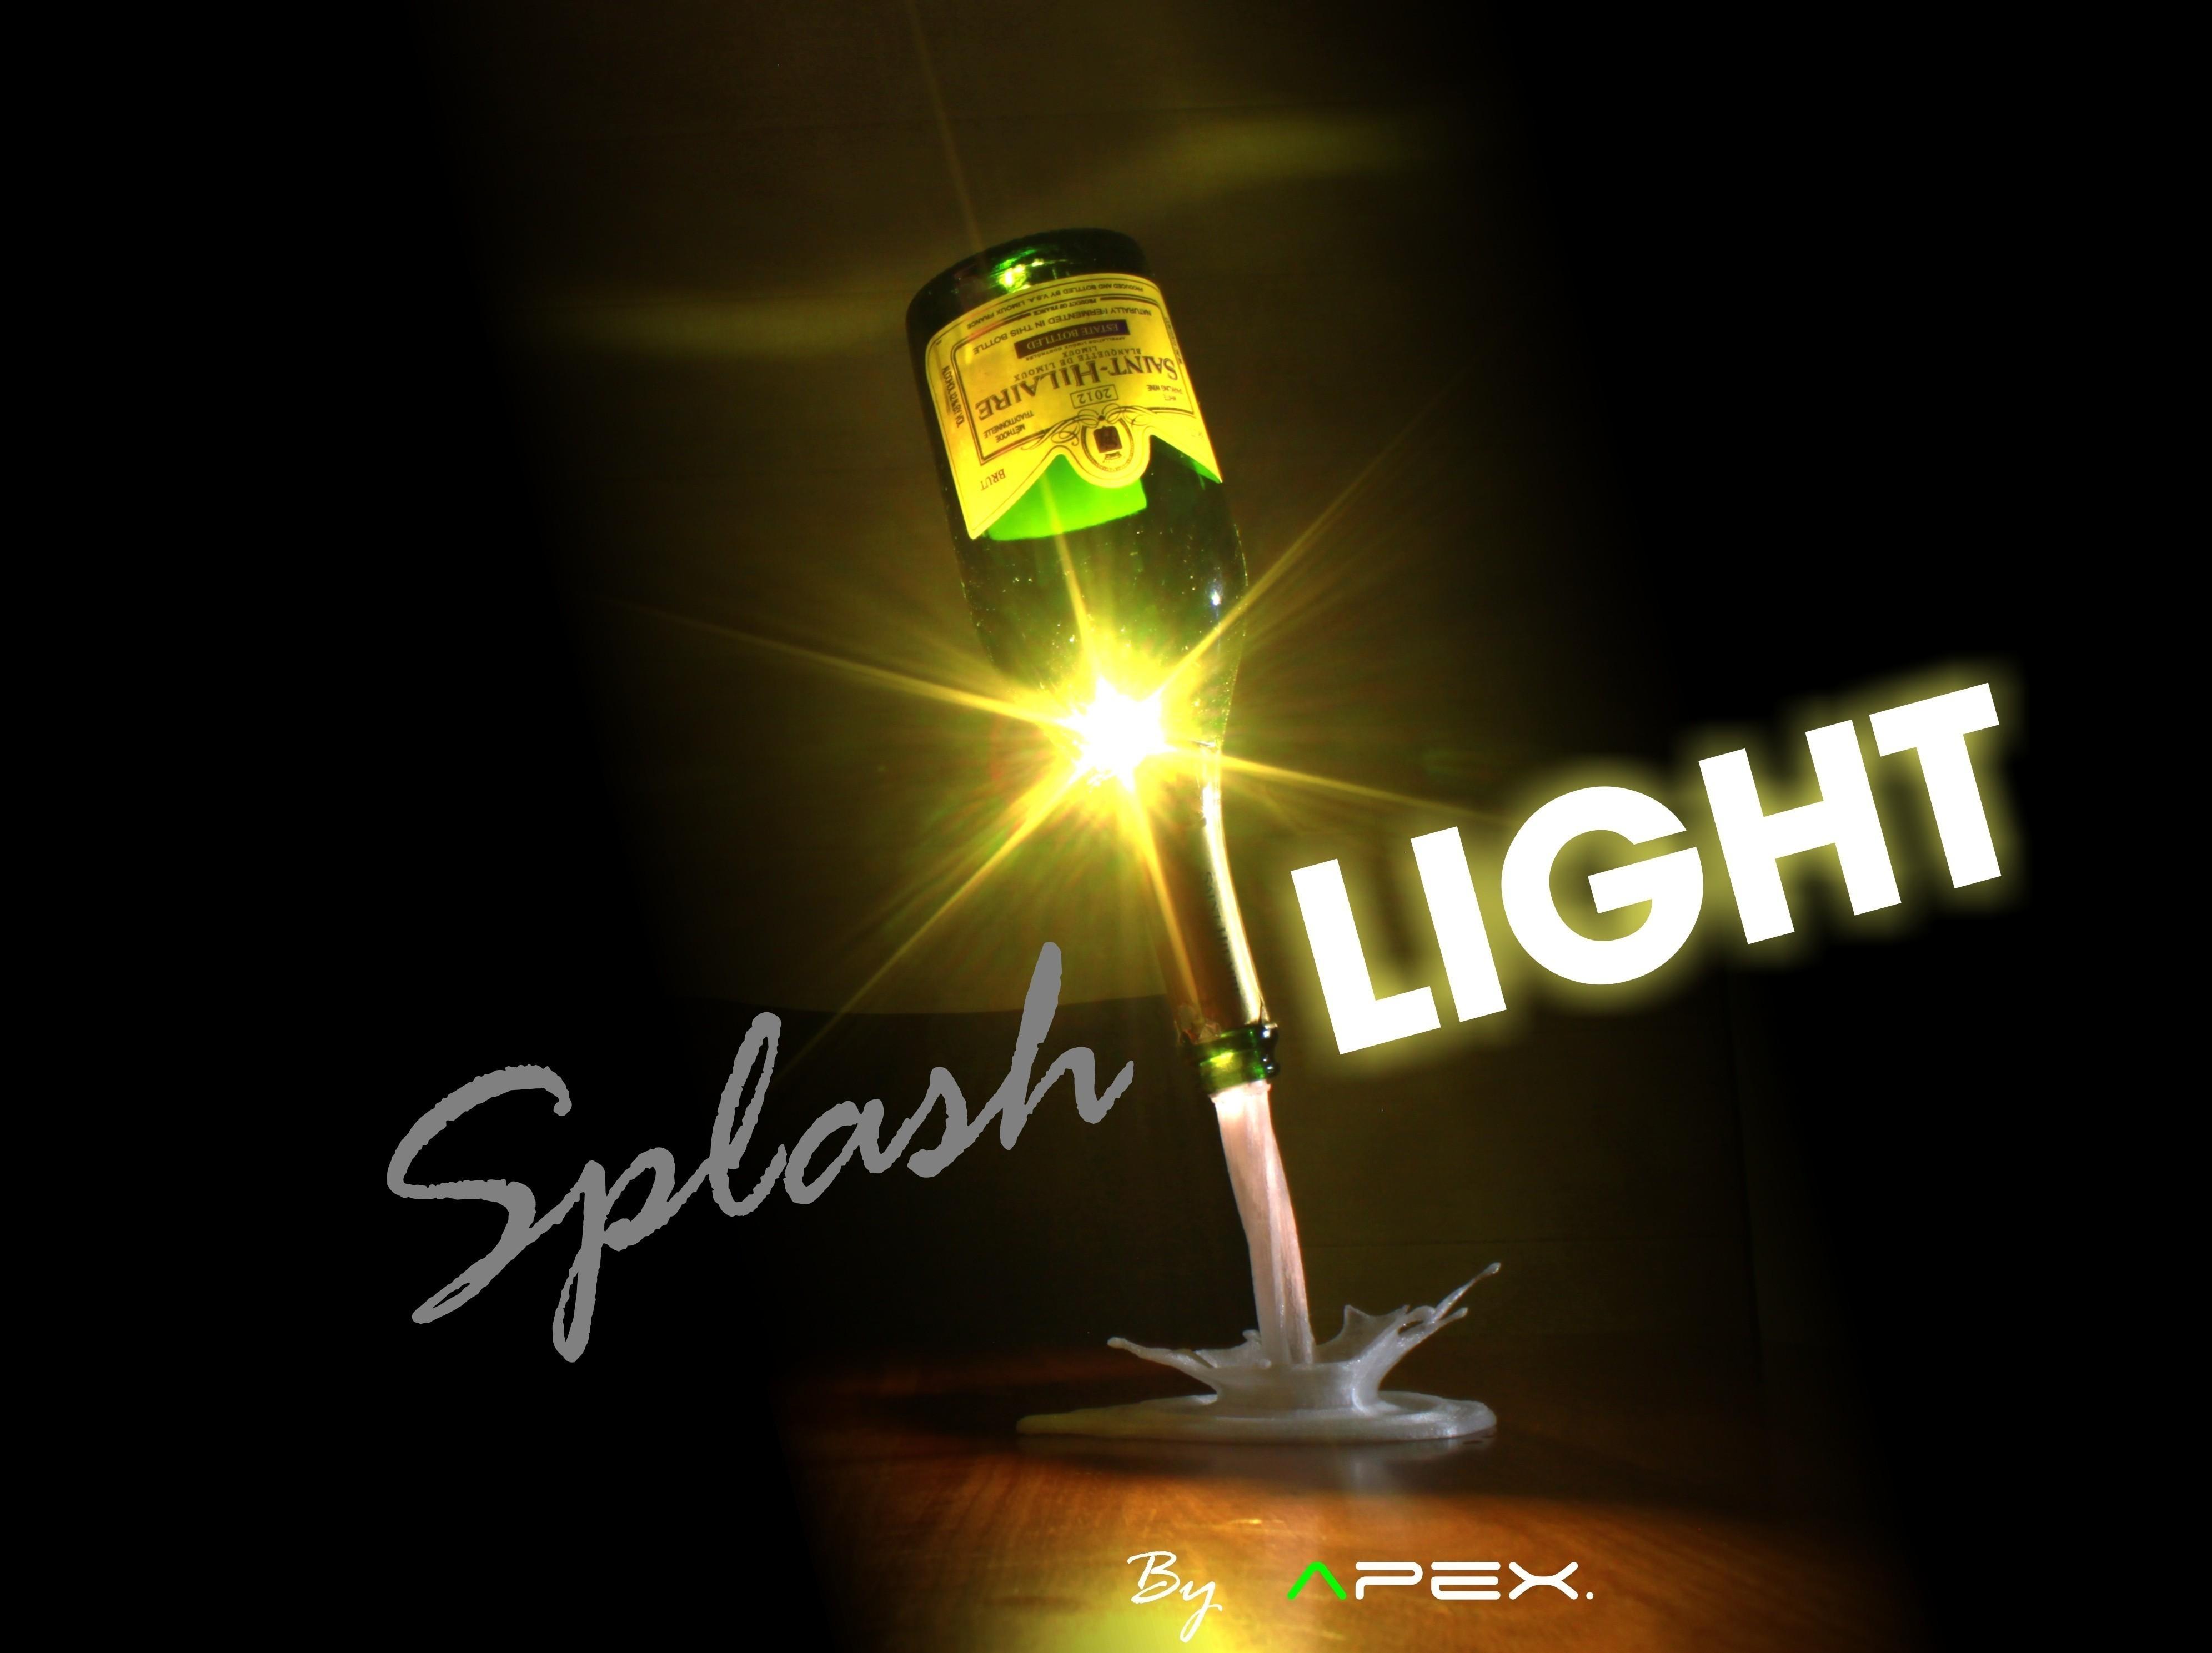 Splash_Light_by_Apex.jpg Download free STL file SplashLIGHT • 3D print object, Avooq